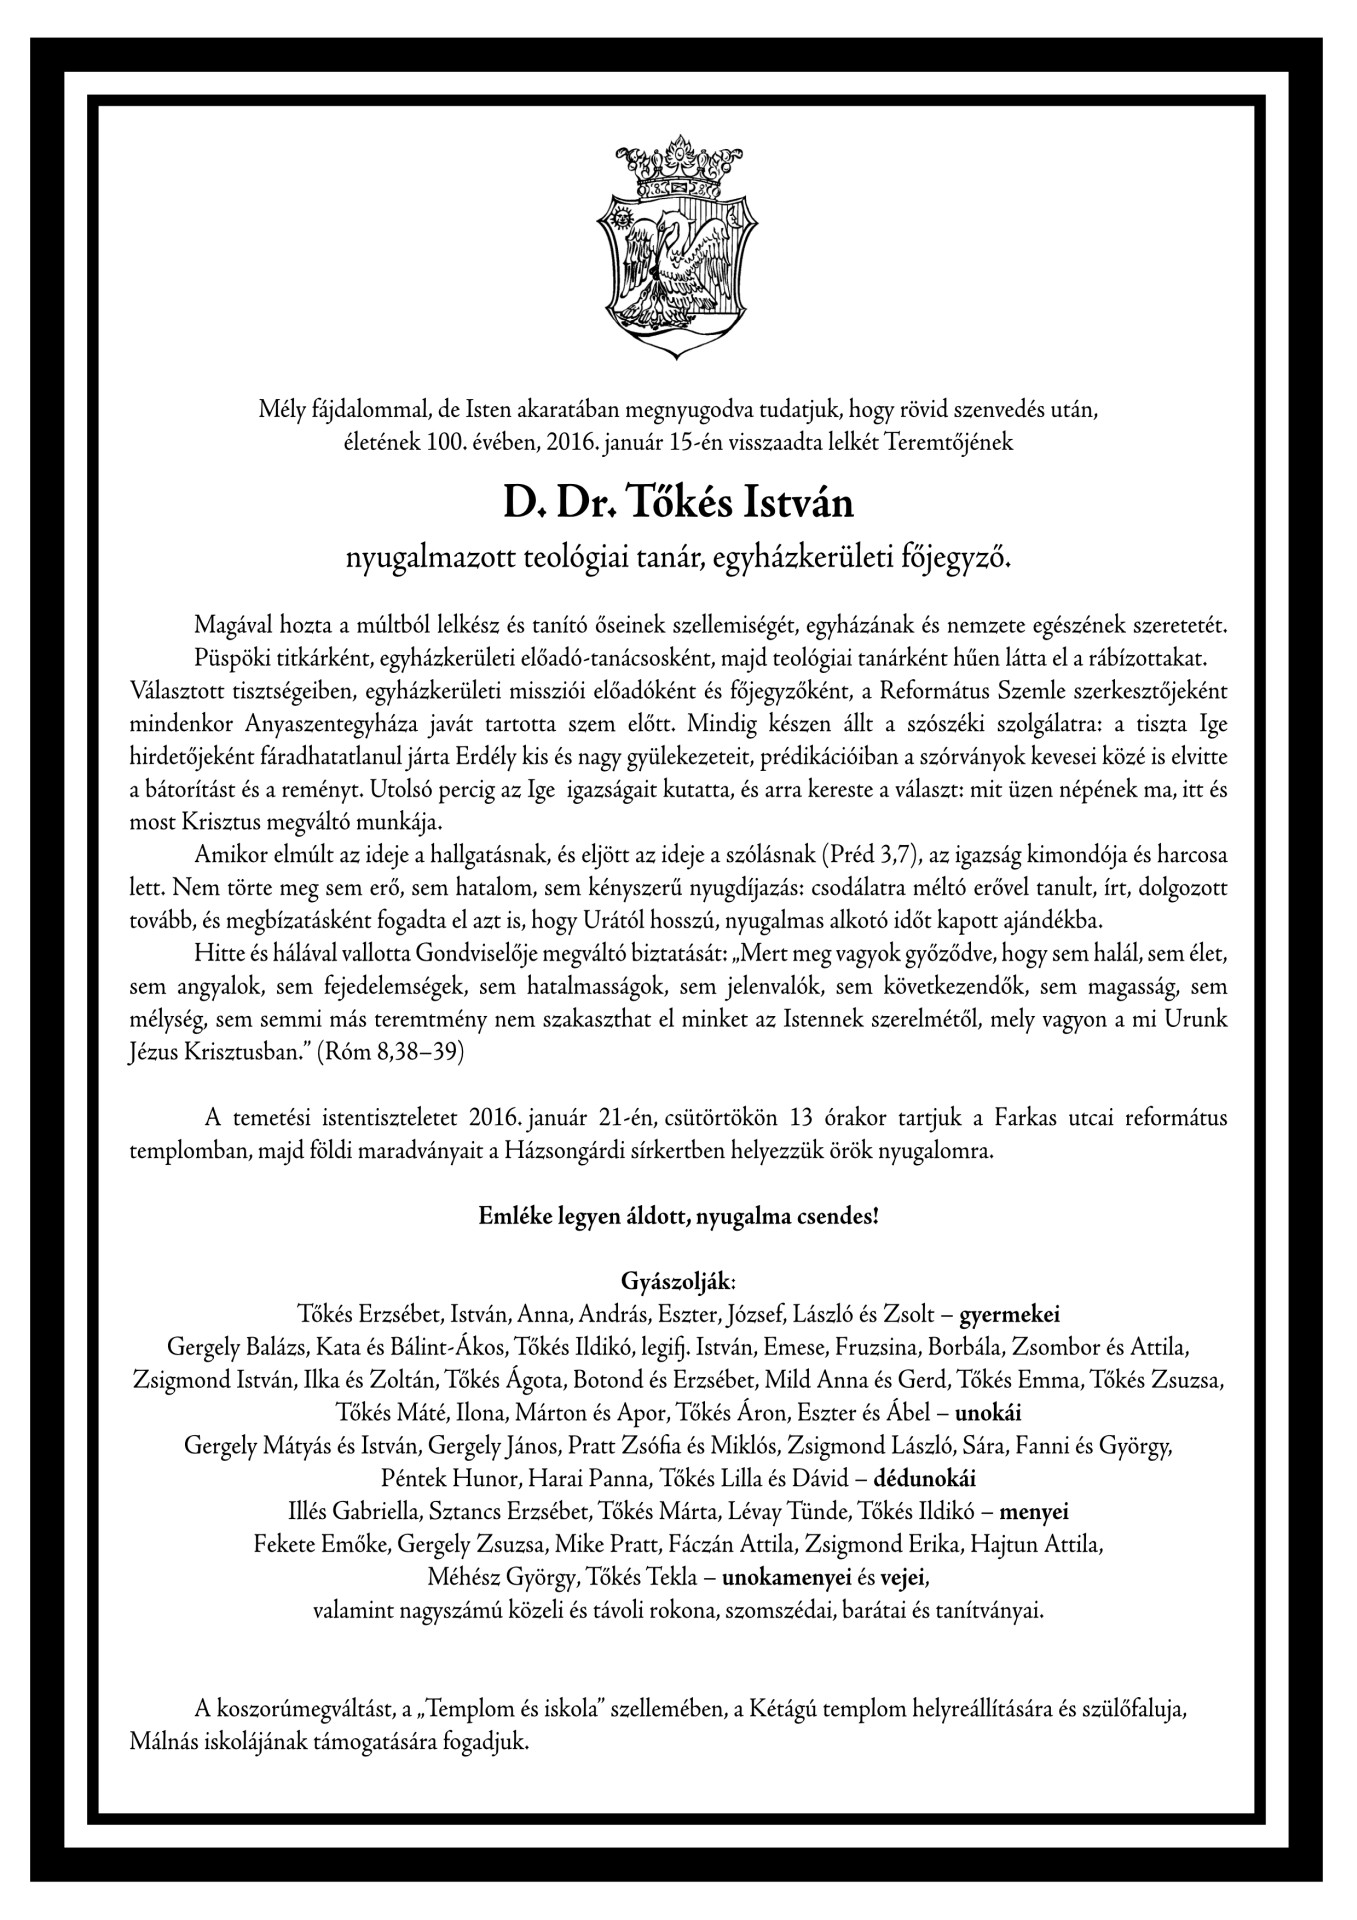 Gyászjelentés - Tőkés István